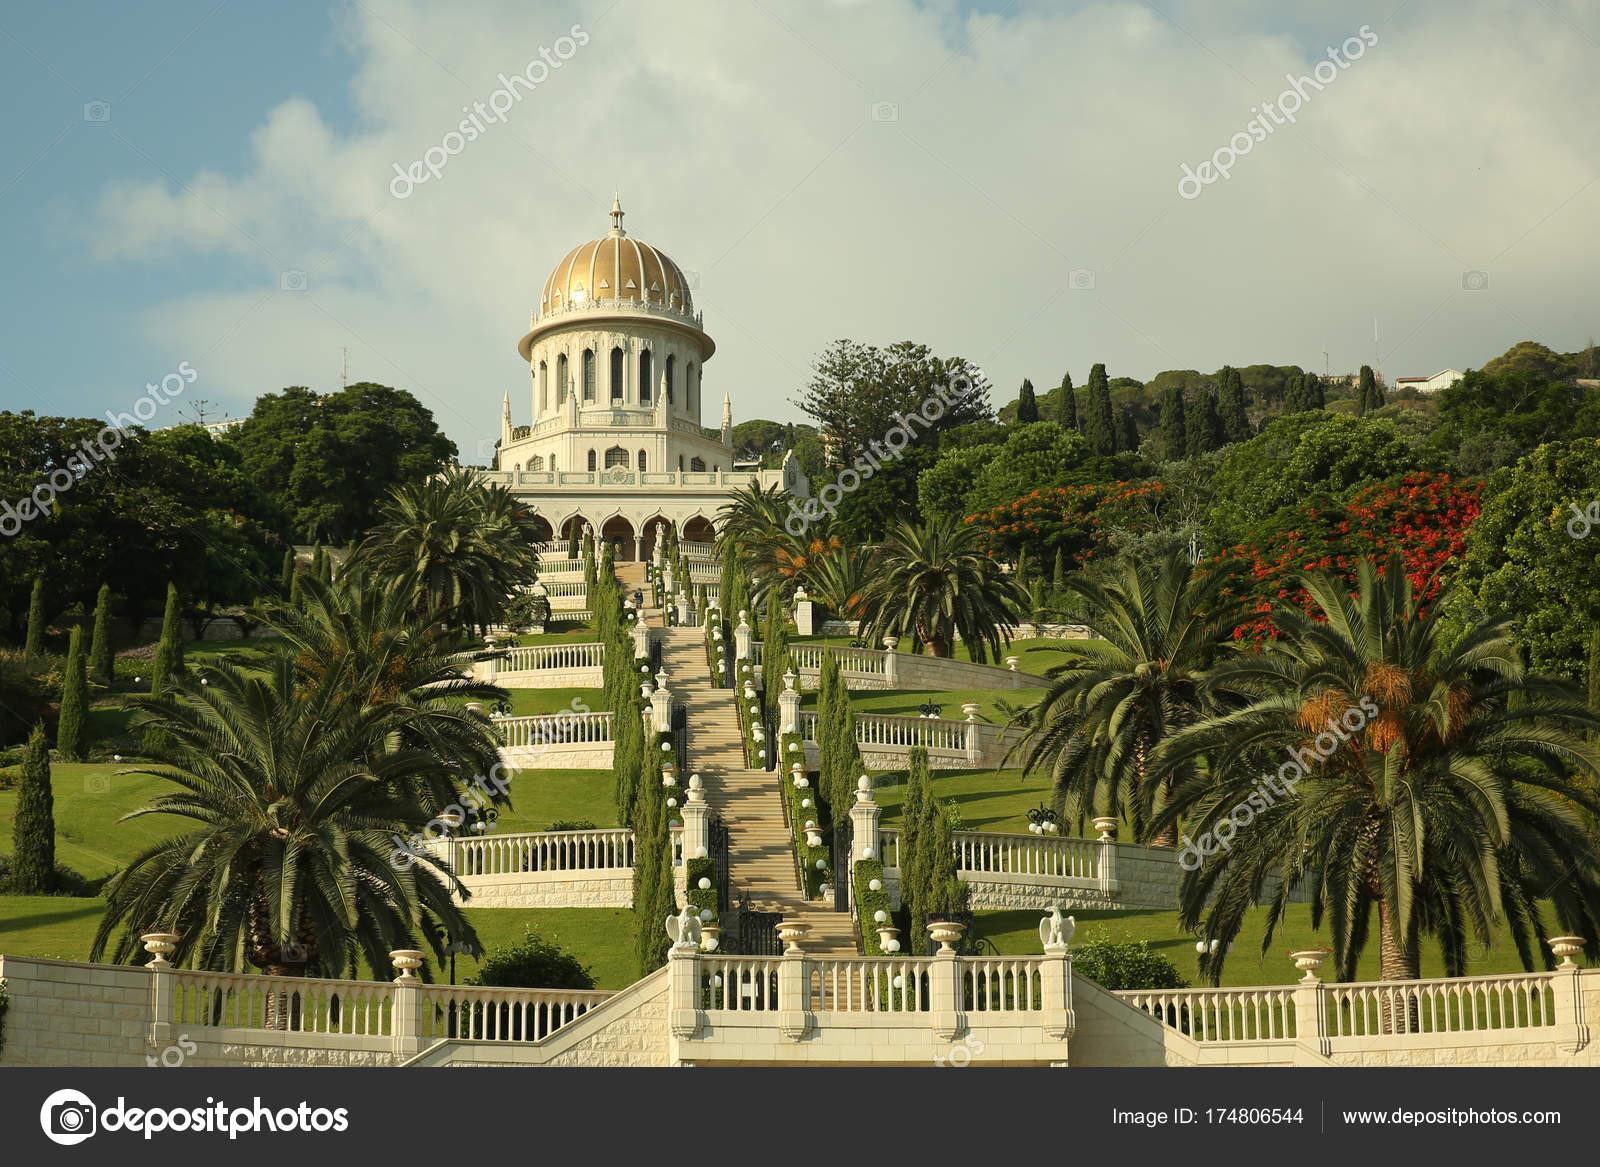 Piante Per Recinzioni Giardino.Giardini Bahai Temple Scale Cultura Fiori Piante Alberi Recinzione